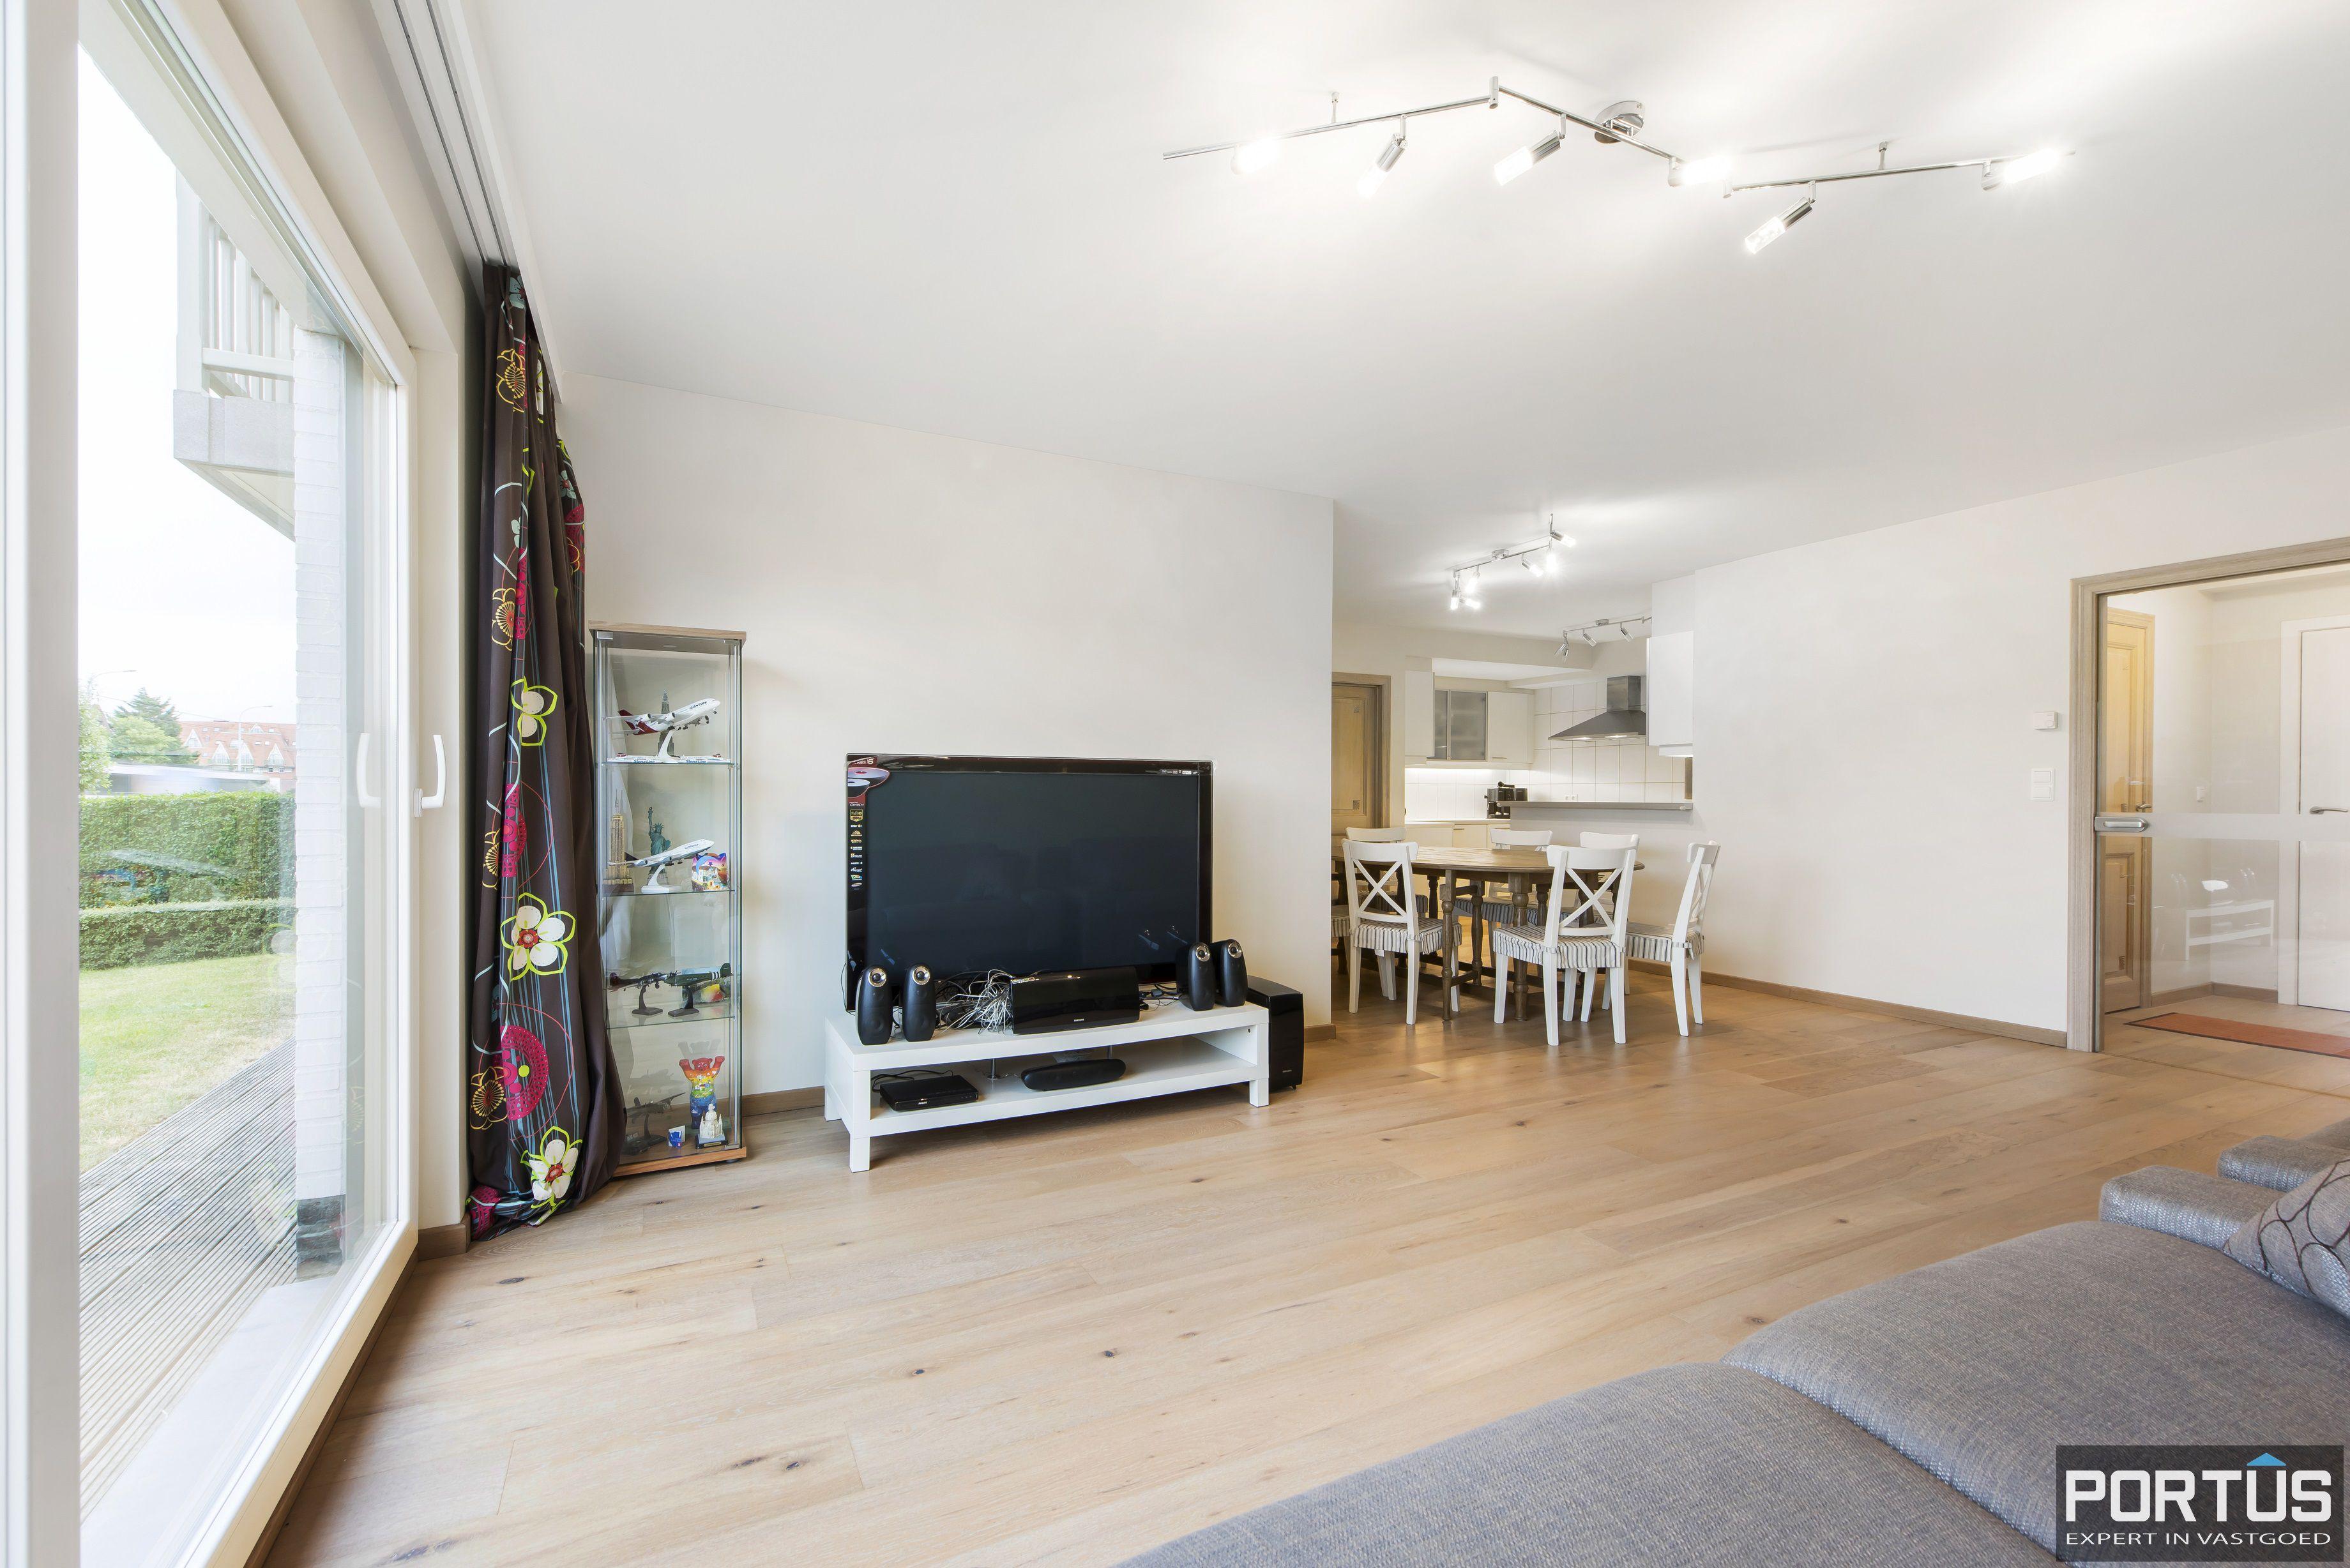 Gelijkvloers appartement te koop met 2 slaapkamers en privé tuin - 9833